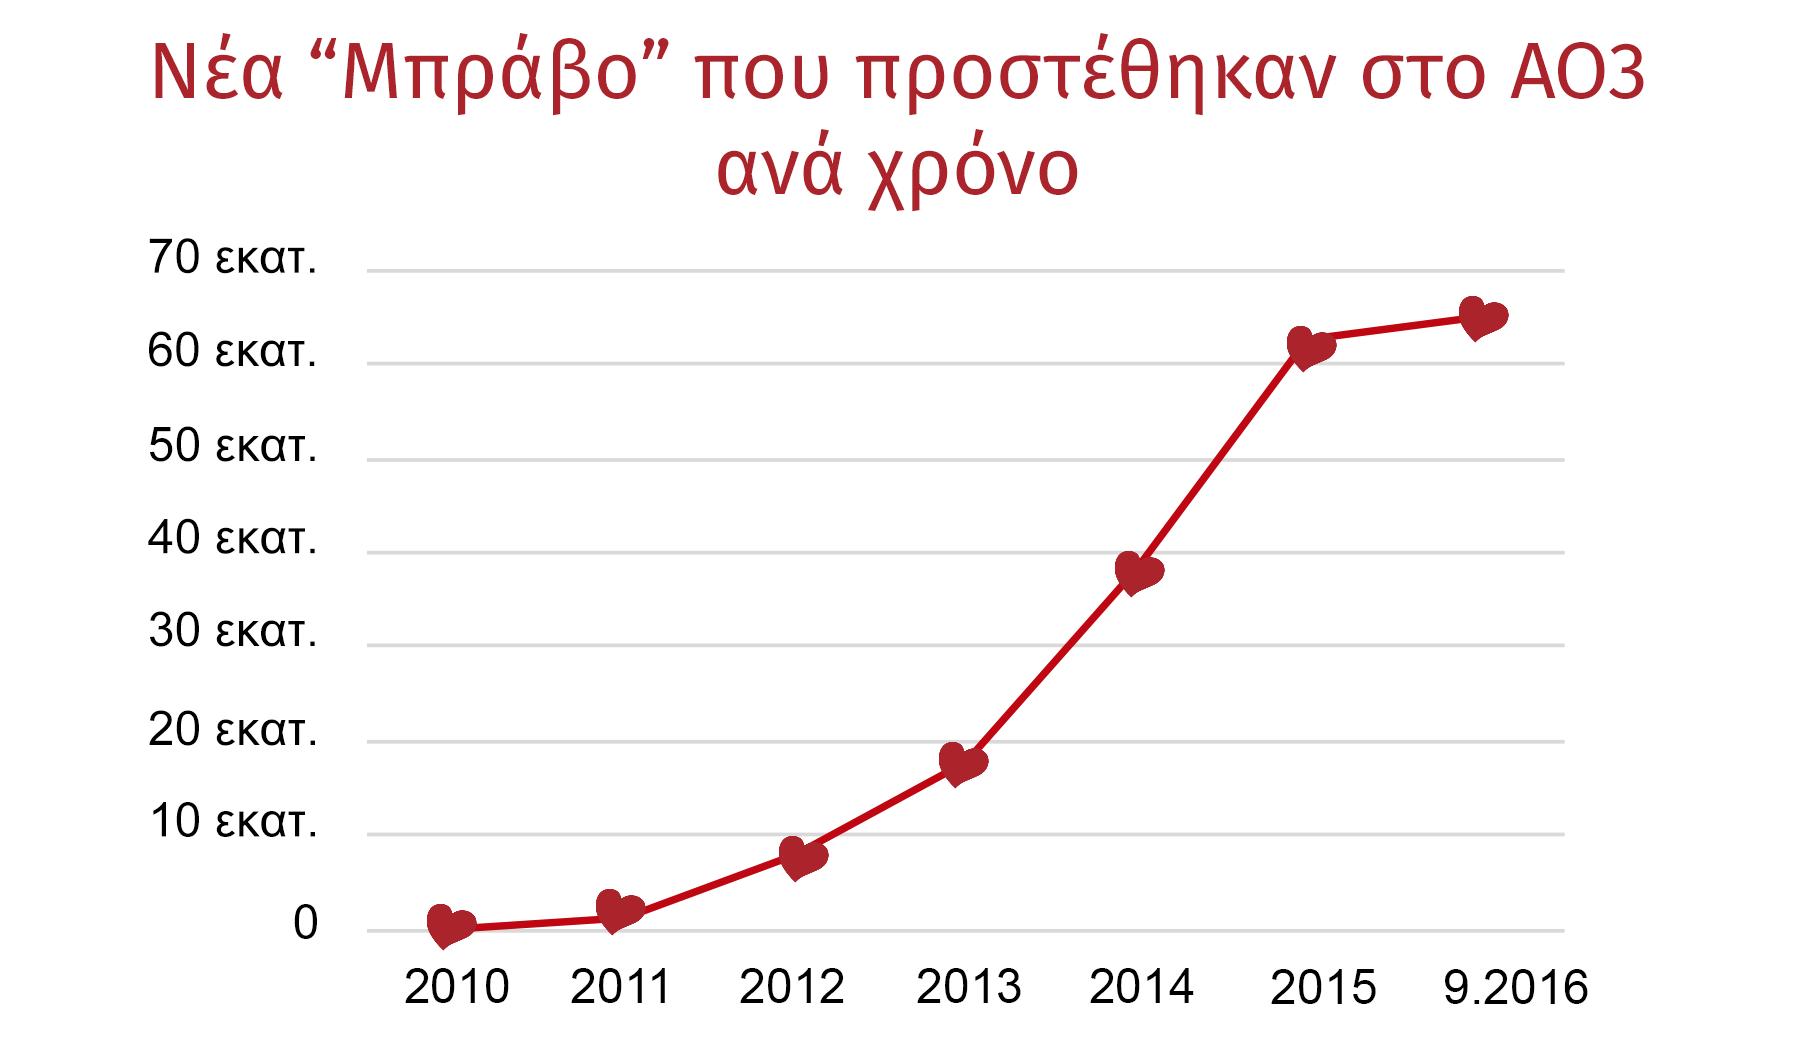 Γράφημα εξέλιξης των «Μπράβο» στο ΑΟ3, από μηδέν το 2010 σε πάνω από 60 εκατομμύρια μέχρι και τον Σεπτέμβριο του 2016.